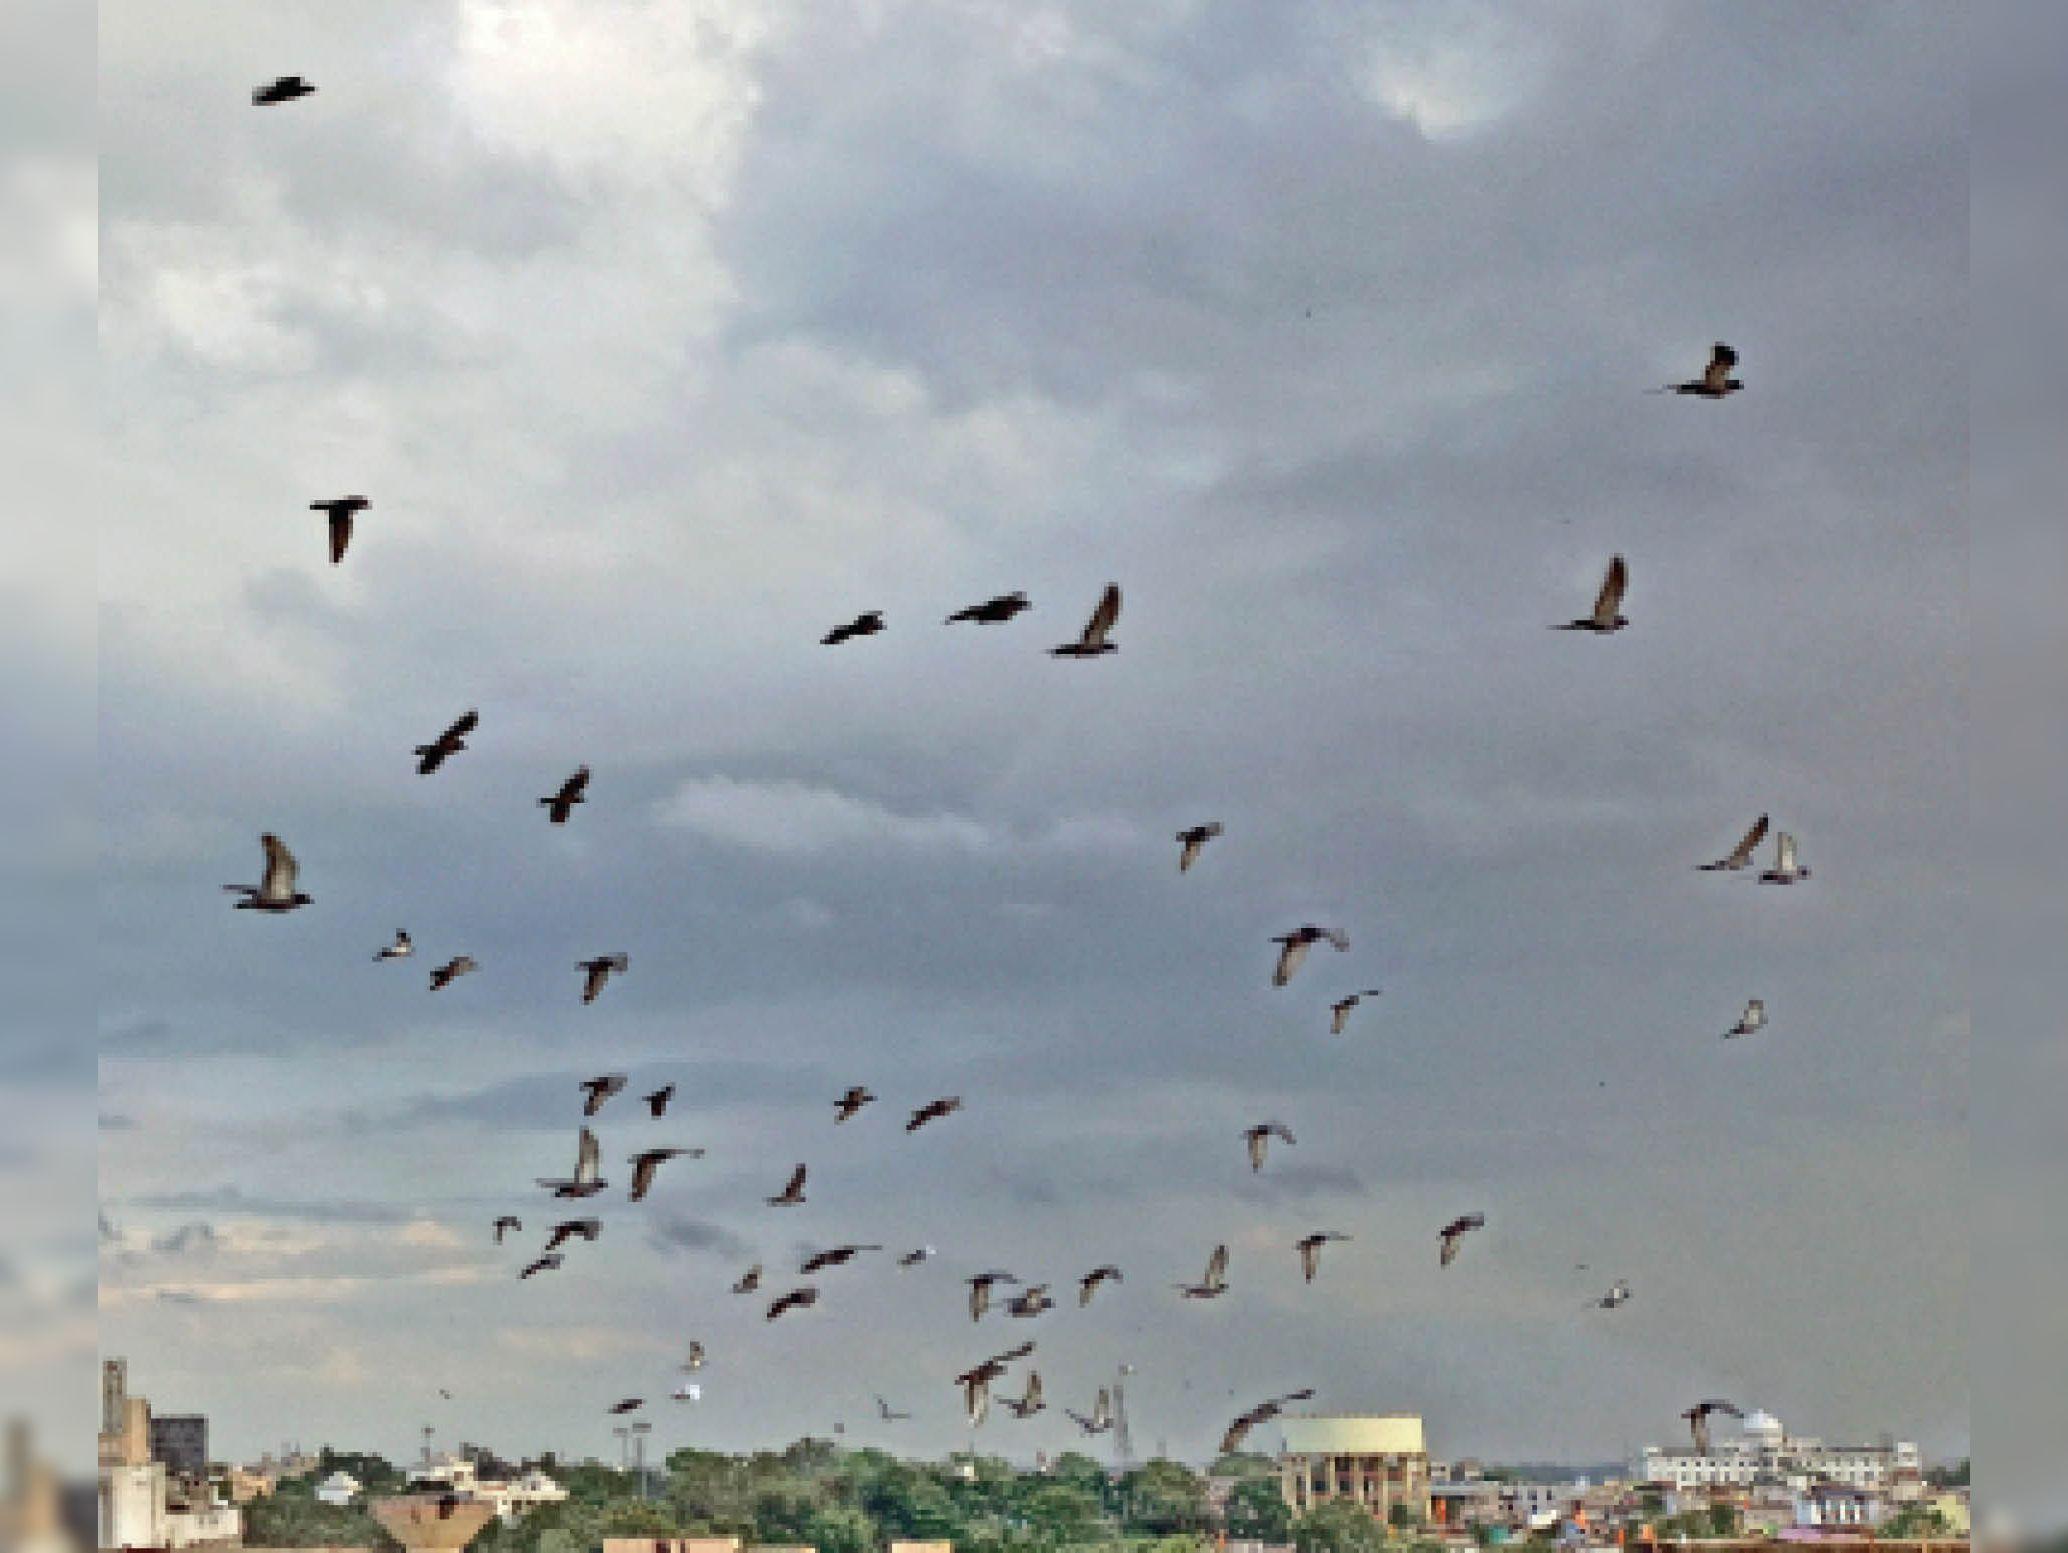 गरजने पर छत न मिले तो खड़े न रहें, उकड़ू बैठें, बारिश से पहले तेज गर्जना से पक्षी भी सहमे, देर तक उड़ते रहे|रायपुर,Raipur - Dainik Bhaskar